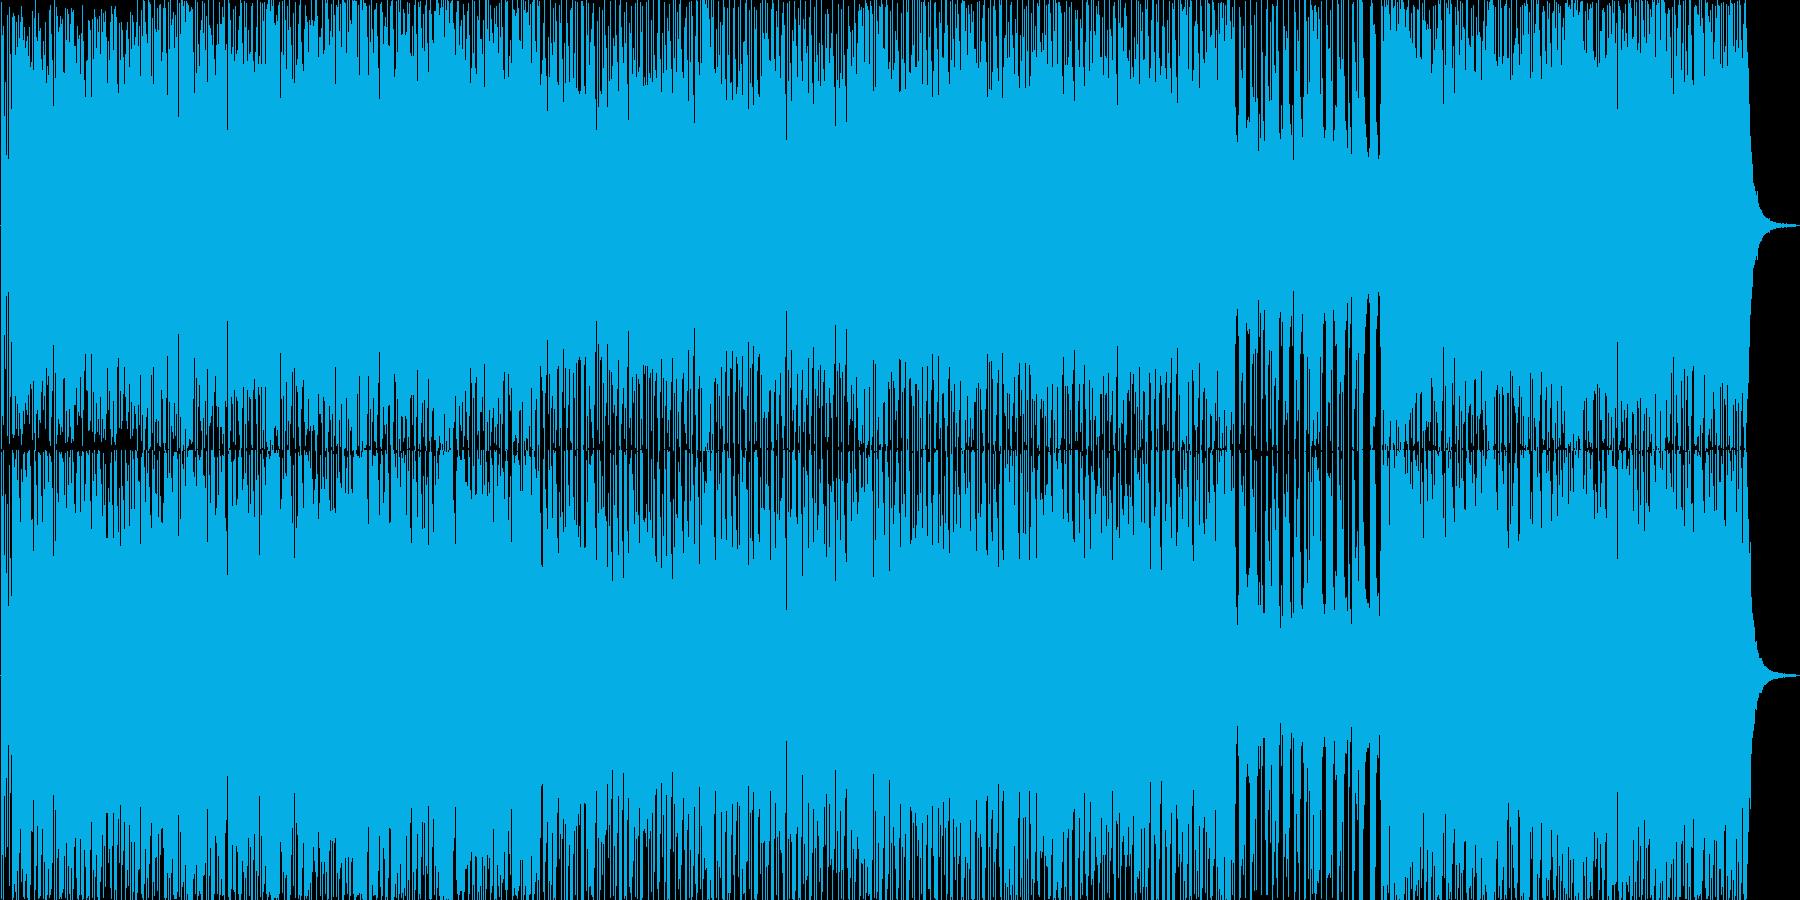 南国(日本)風ボーナスステージBGMの再生済みの波形